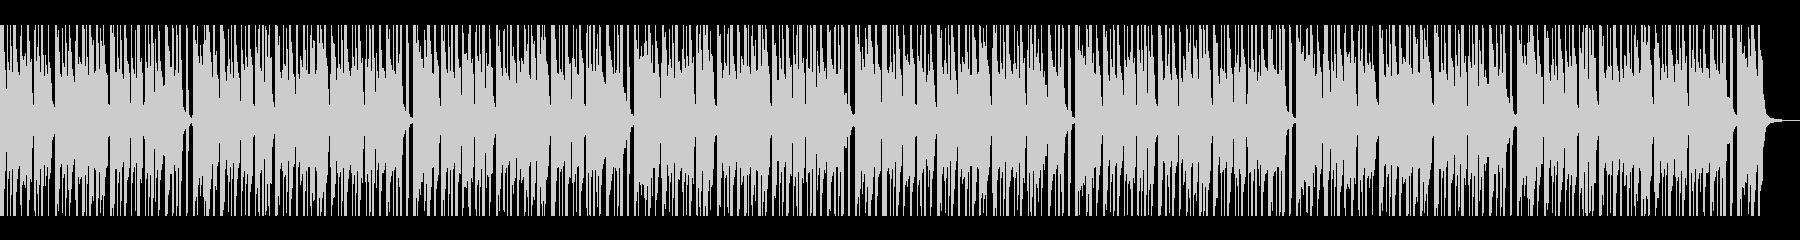 軽快なリズム 踊れる ギター ファンクの未再生の波形